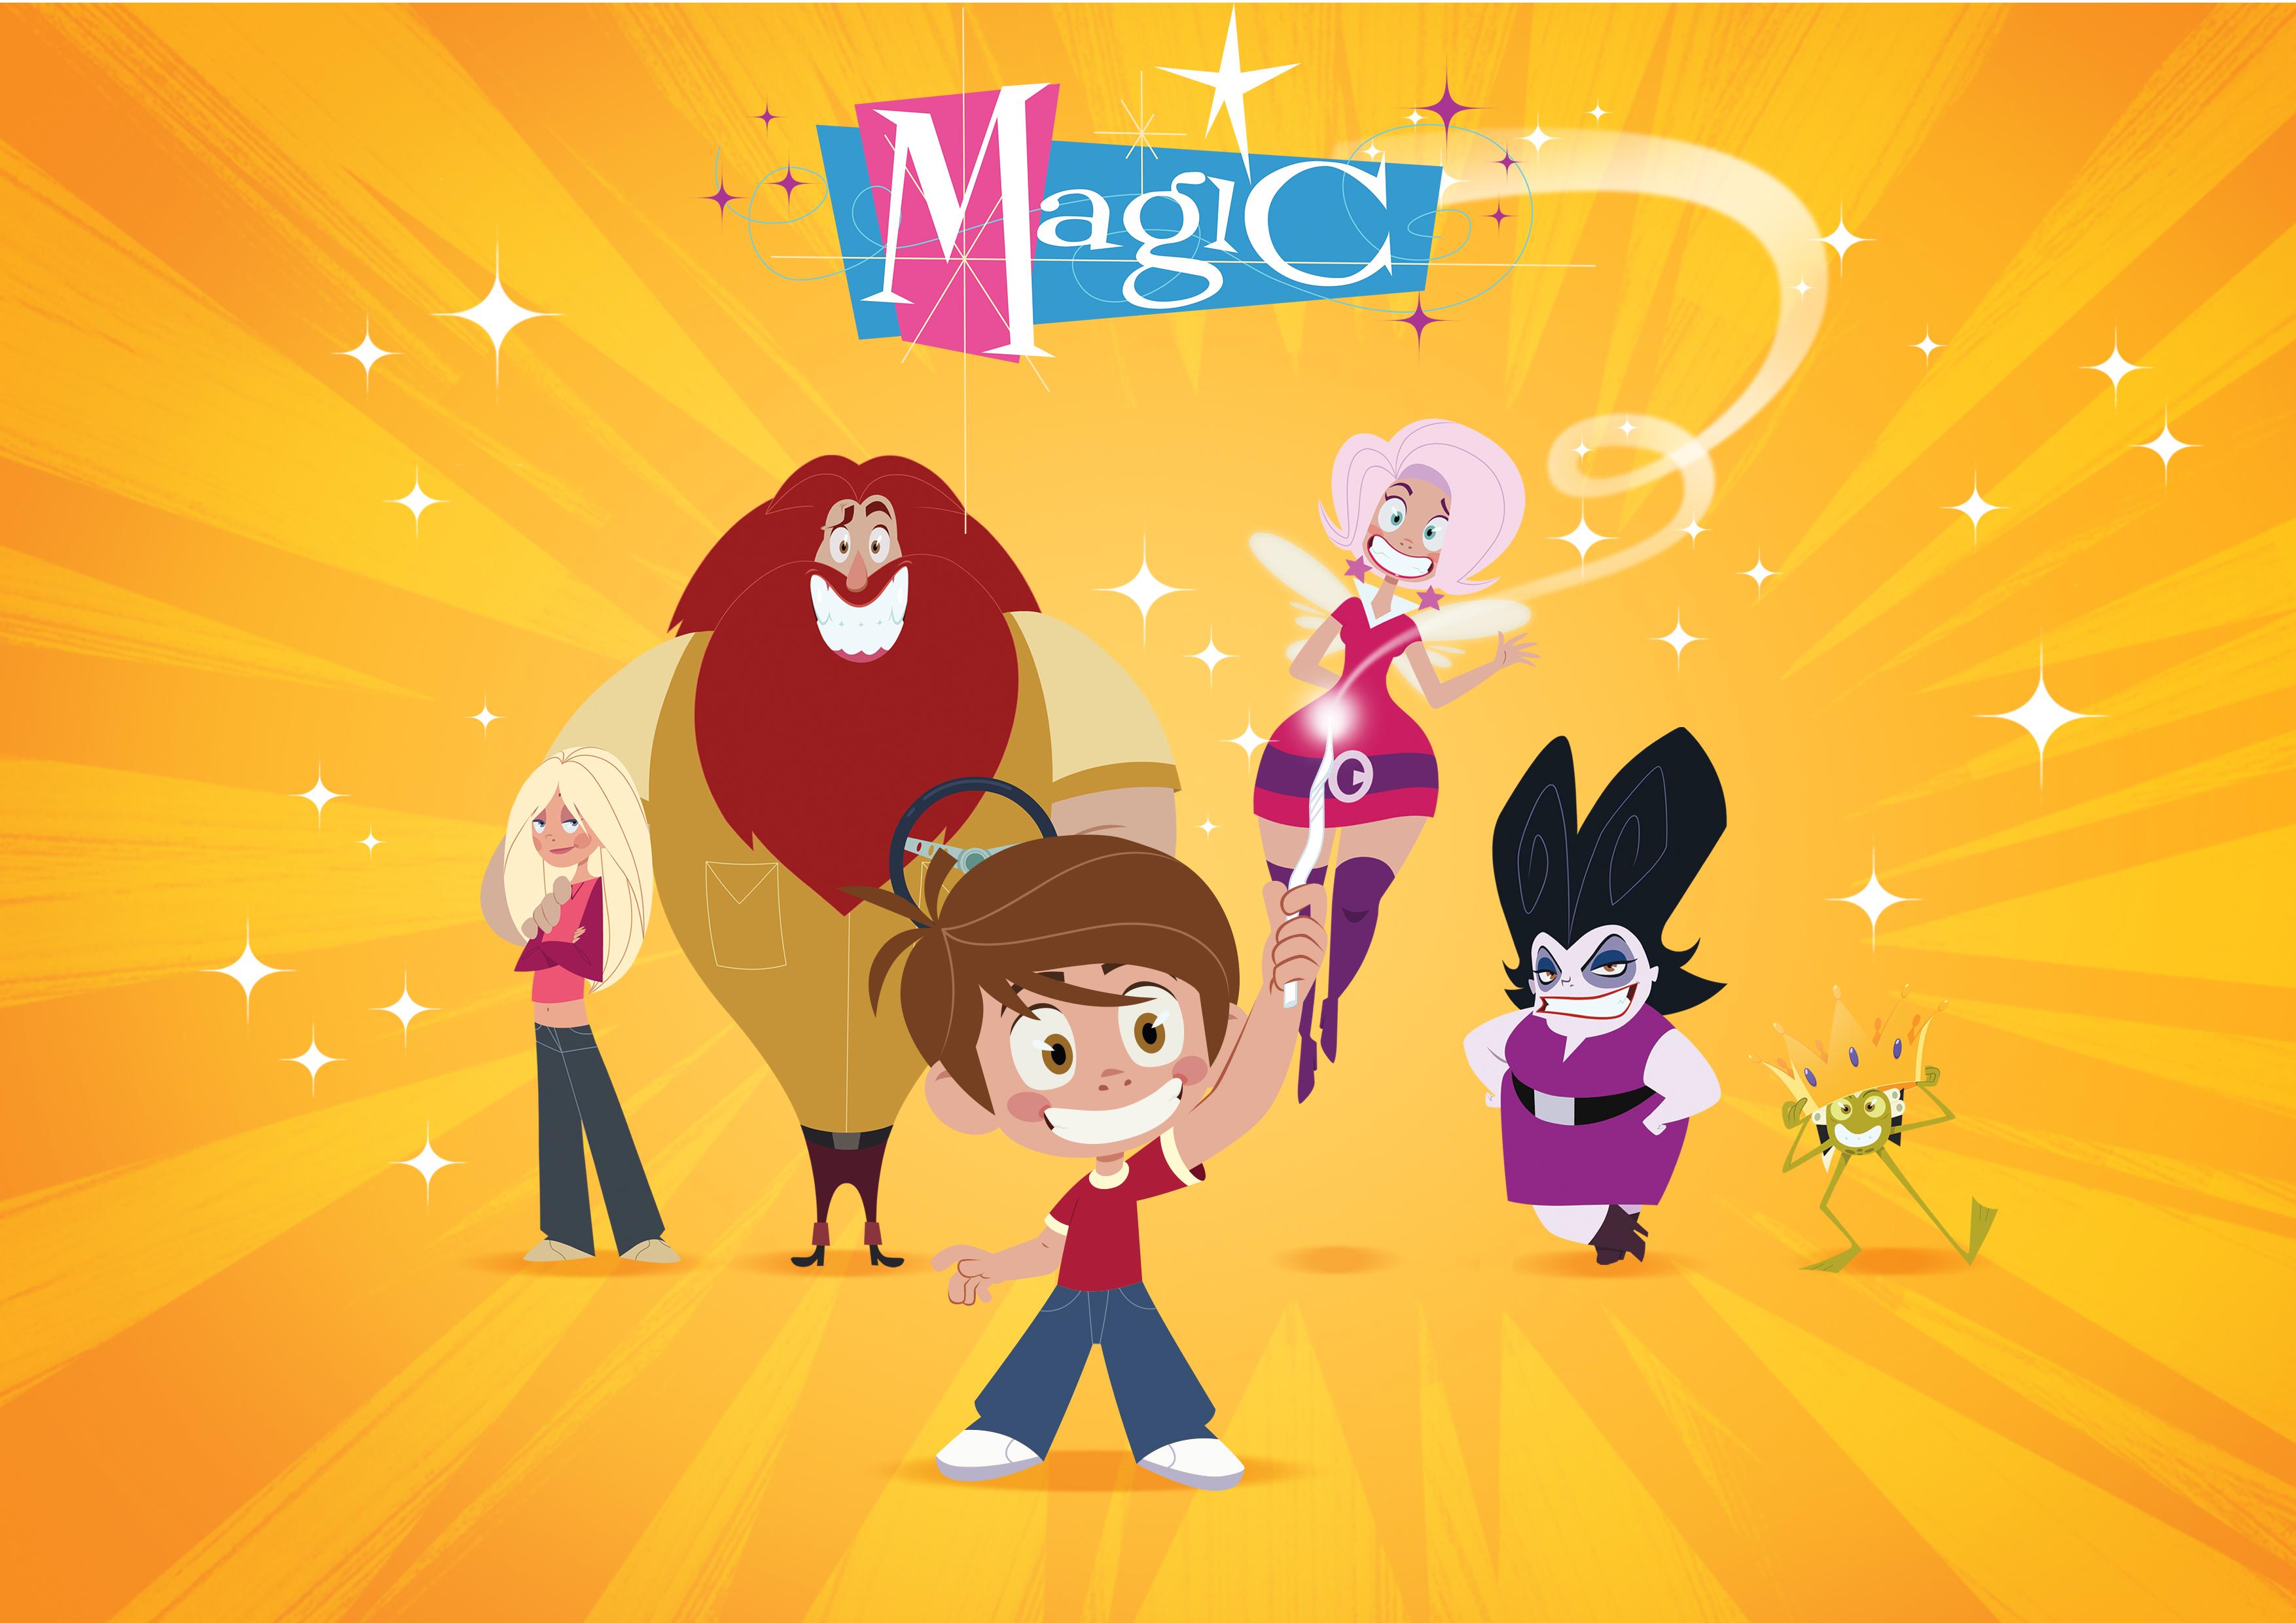 Magic Xilam Animation